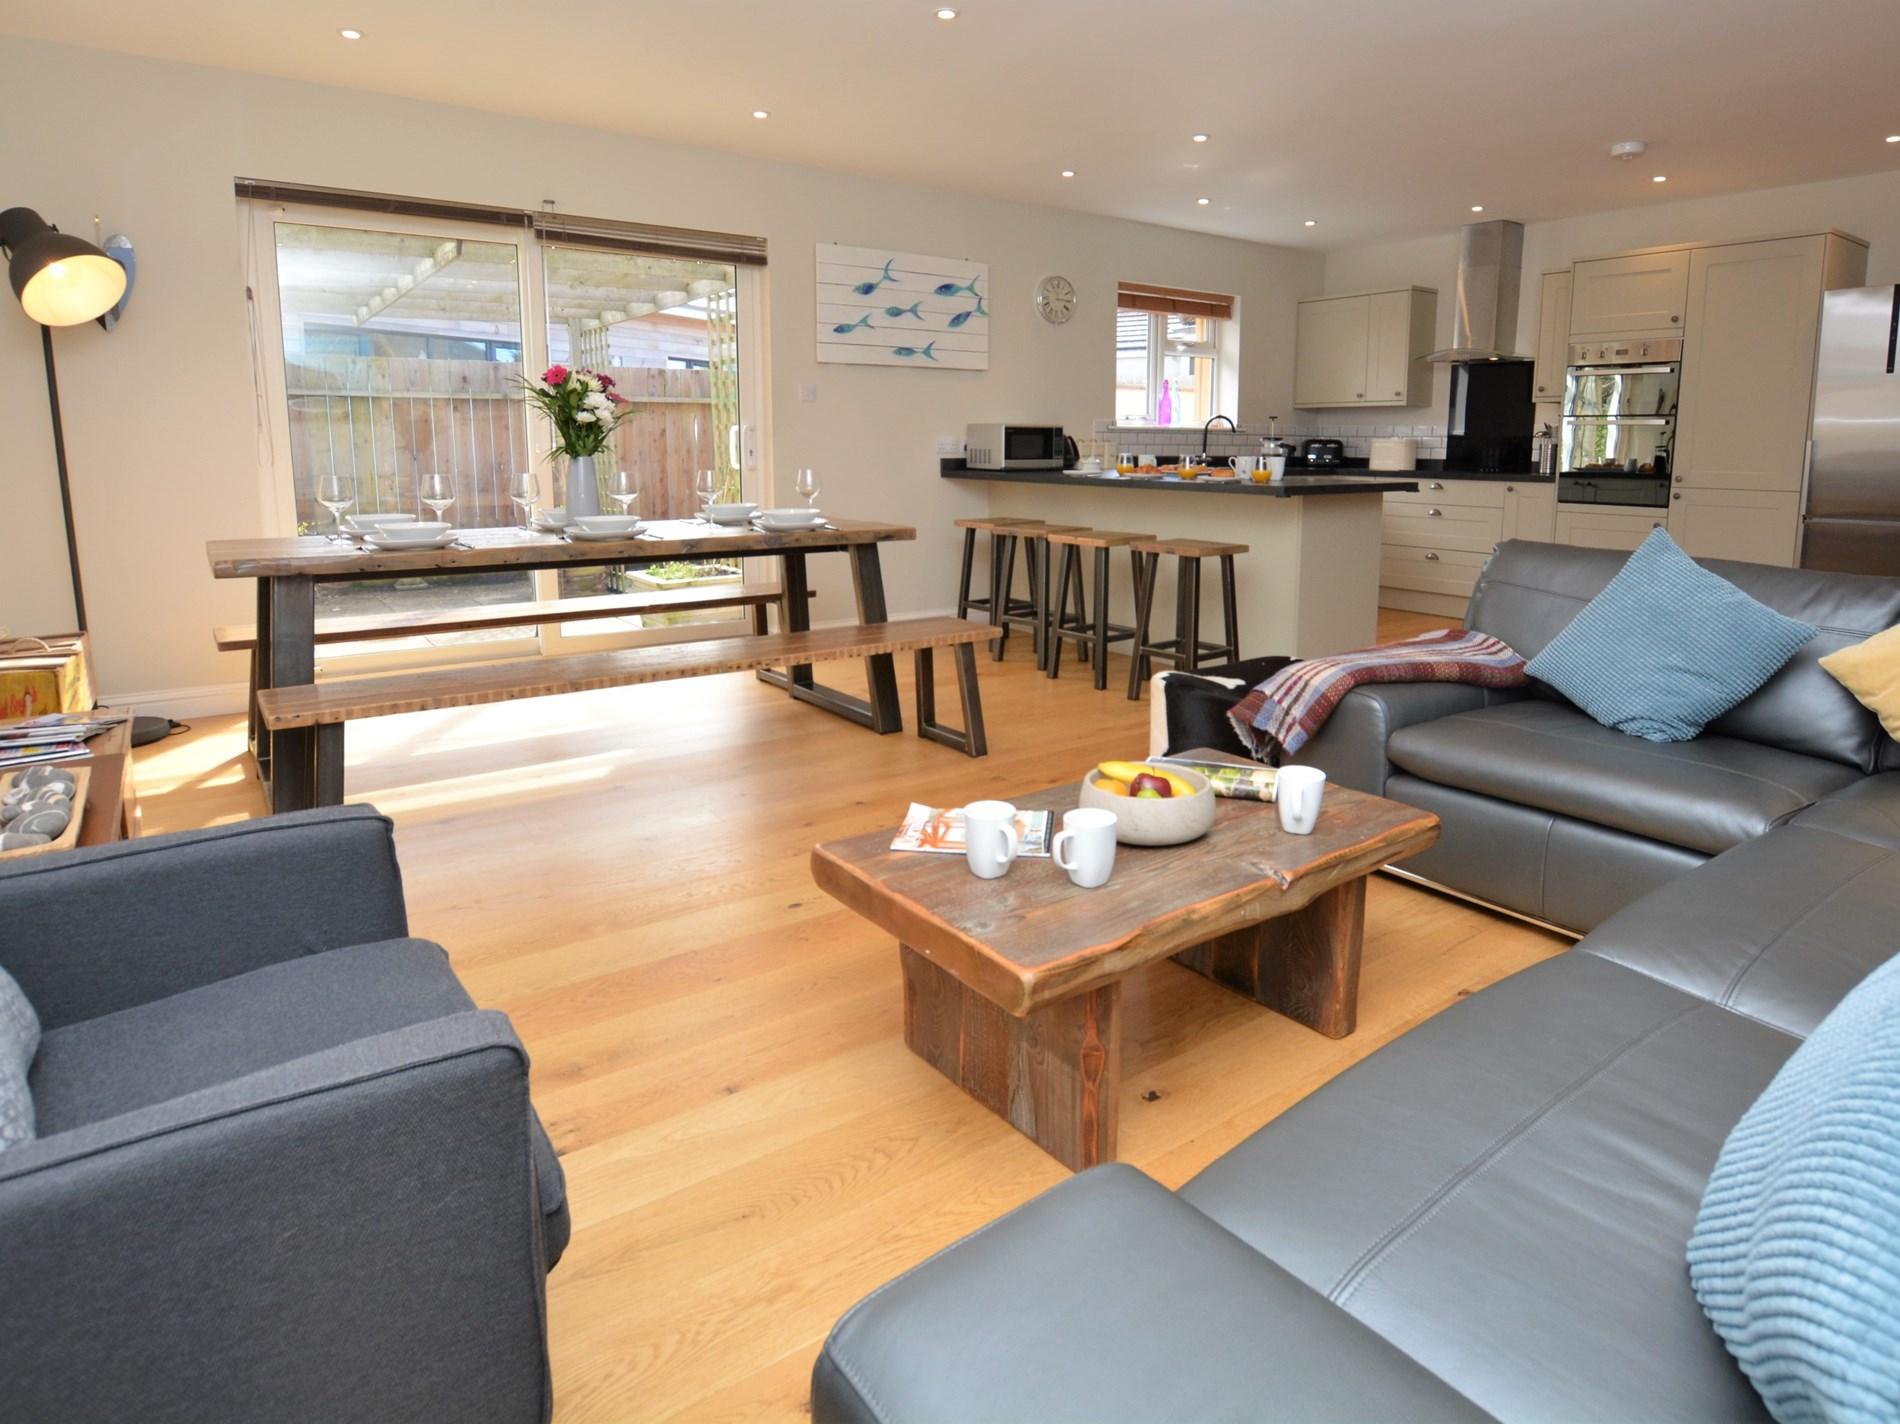 Ferienhaus in Widemouth-Bay